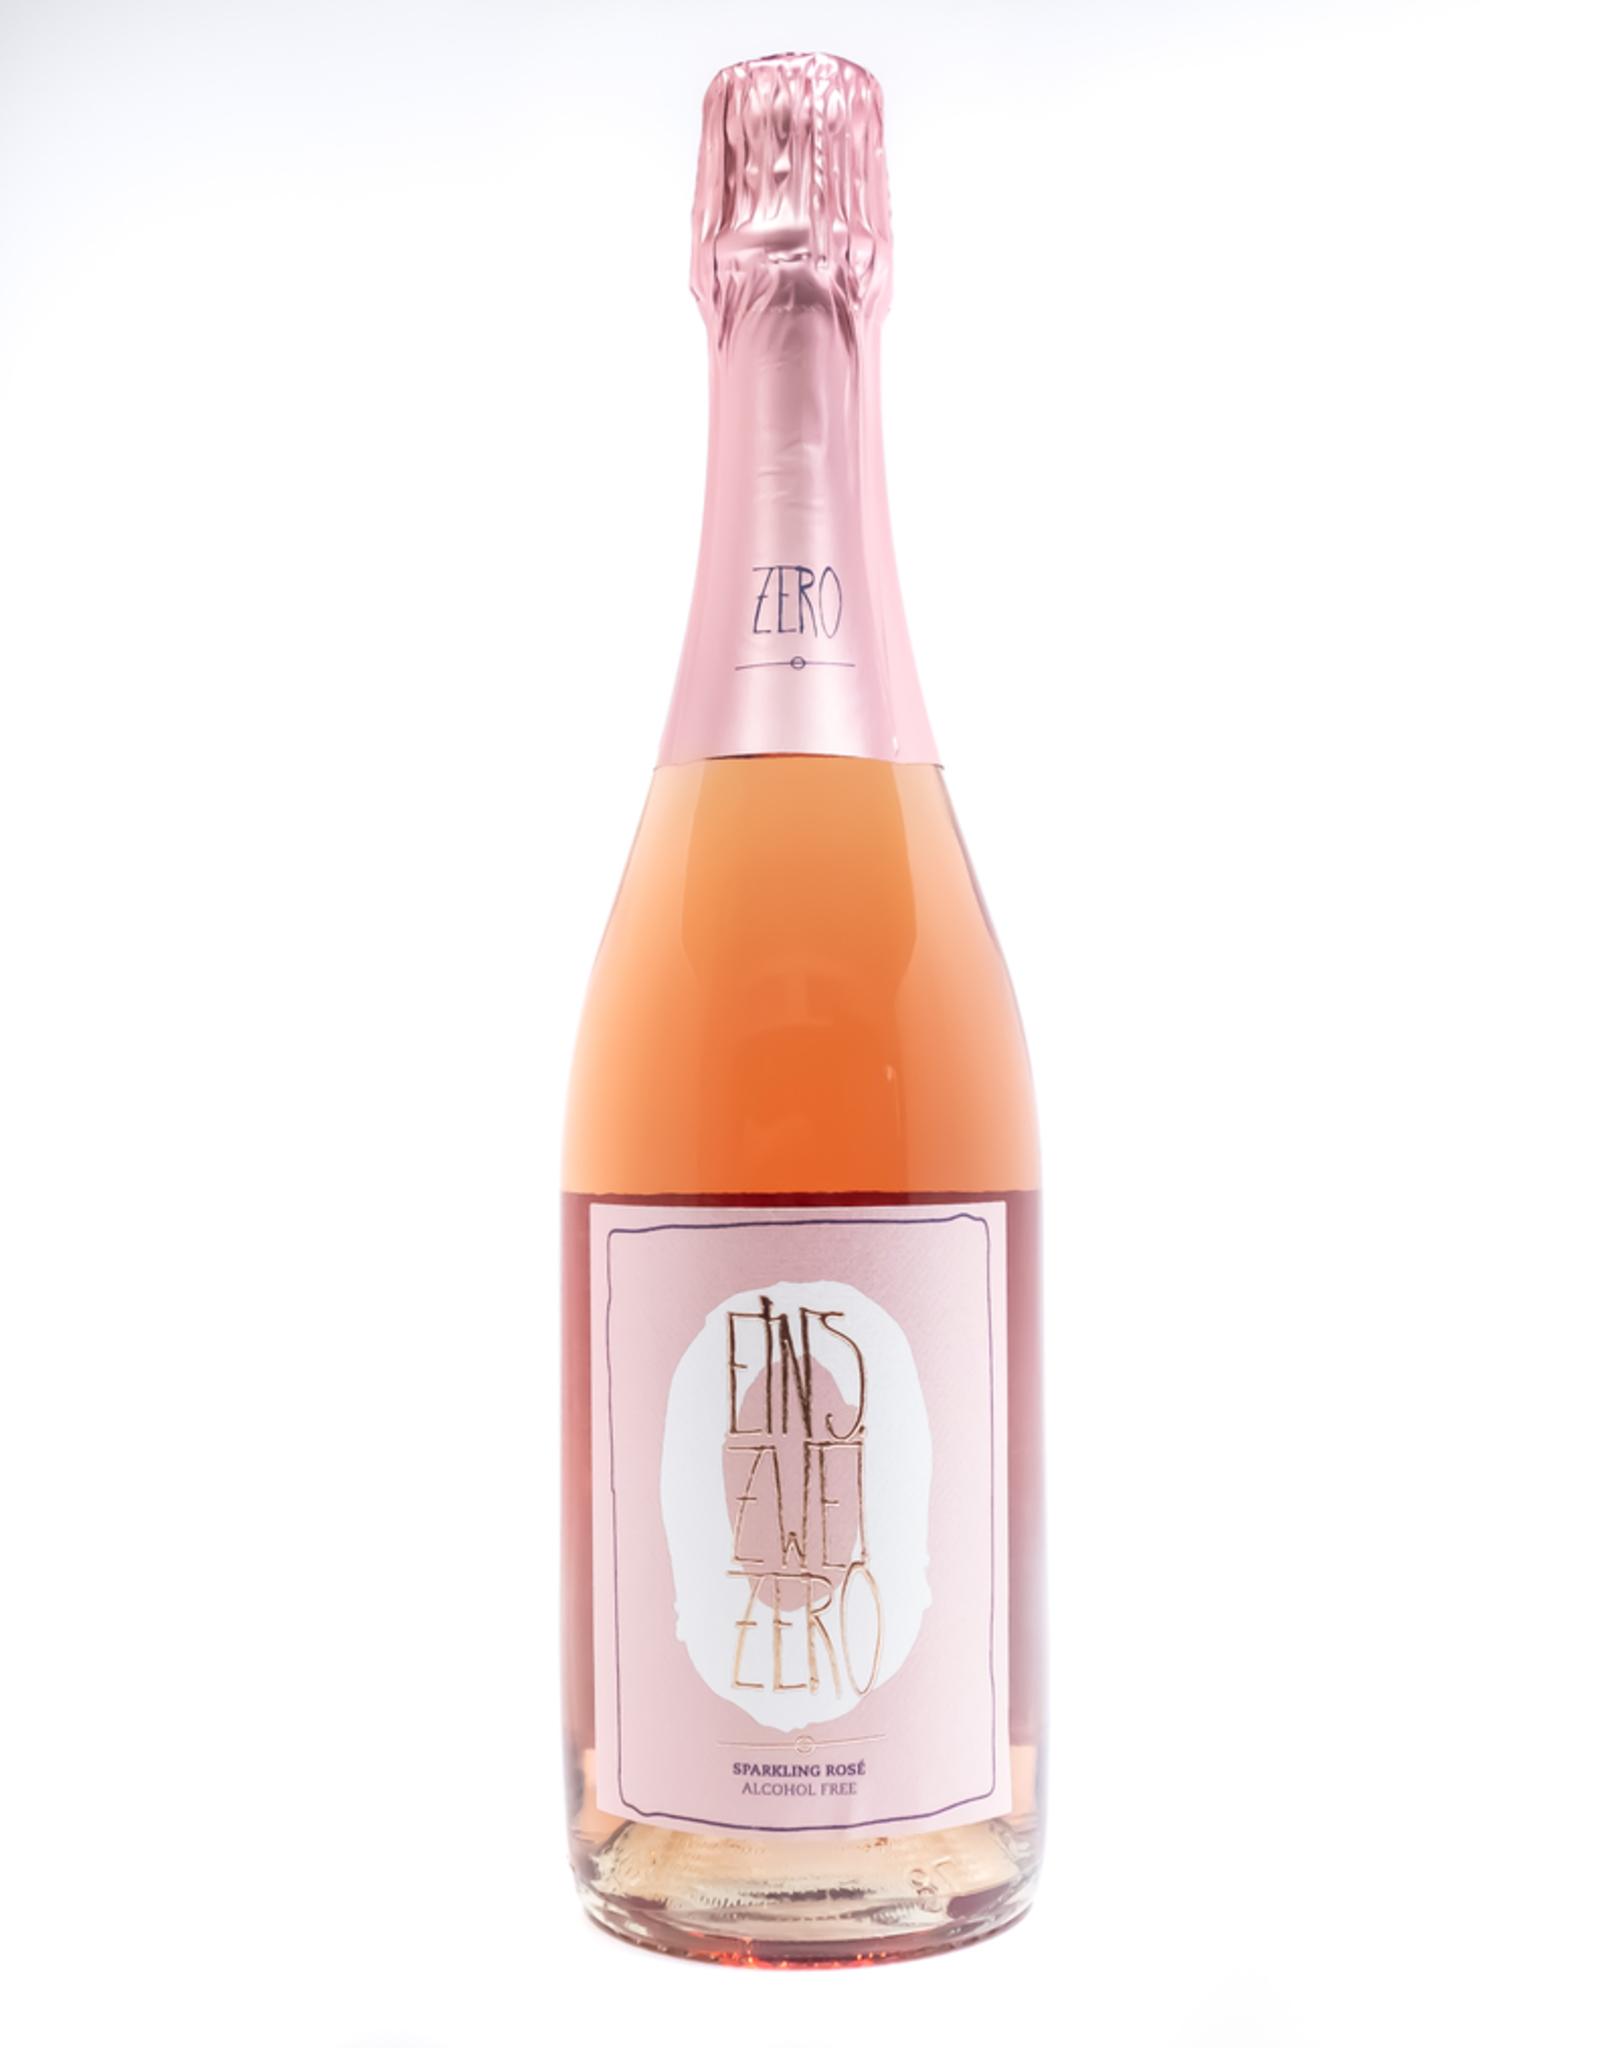 Wine-Sparkling-Other Leitz 'Eins Zwei Zero' Non-Alcoholic Sparkling Rose NV